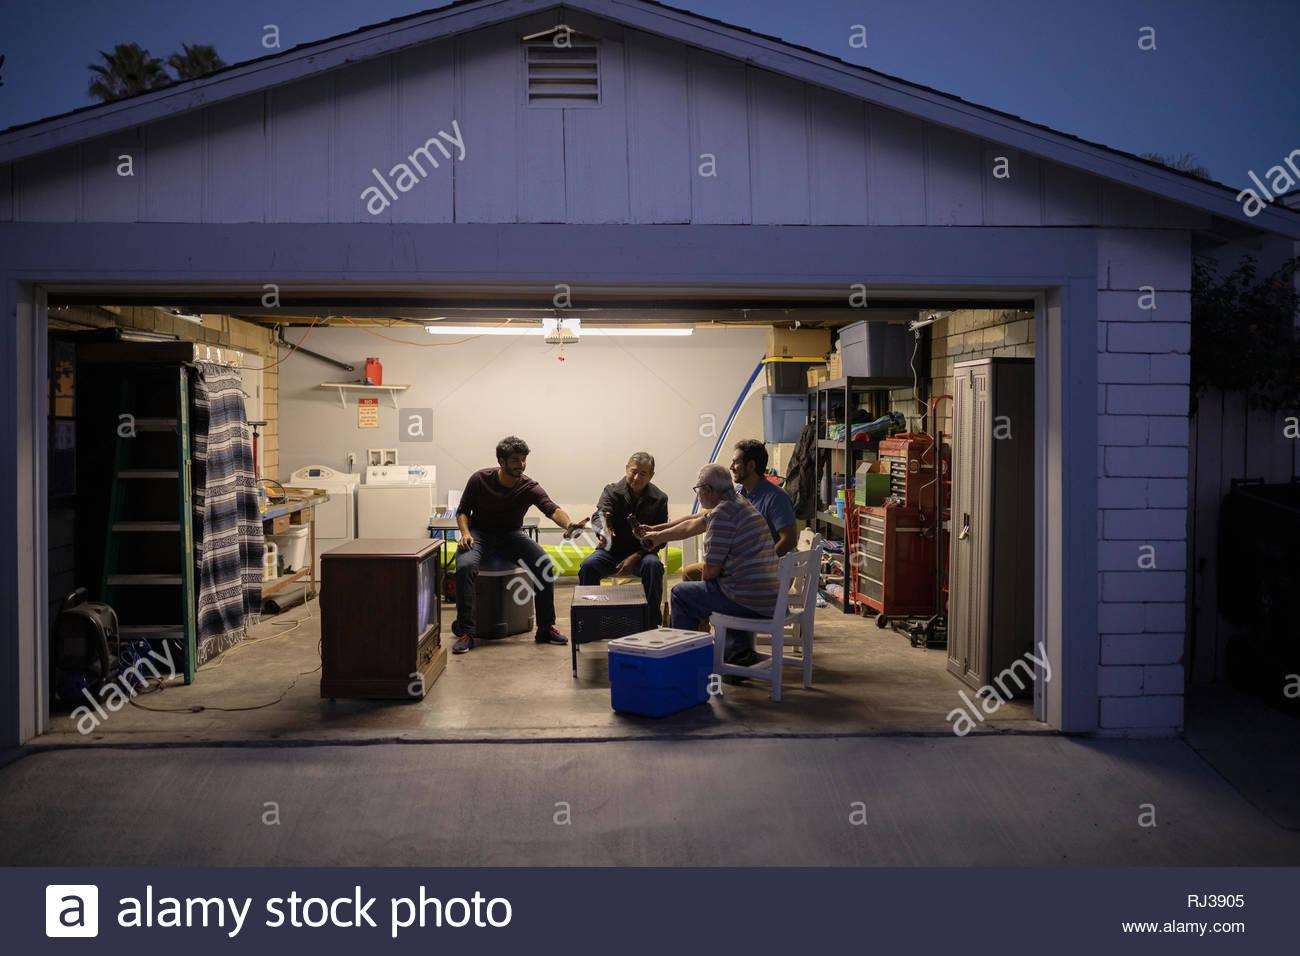 Los hombres Latinx bebiendo cerveza, ver deportes en la televisión en el garaje durante la noche Imagen De Stock